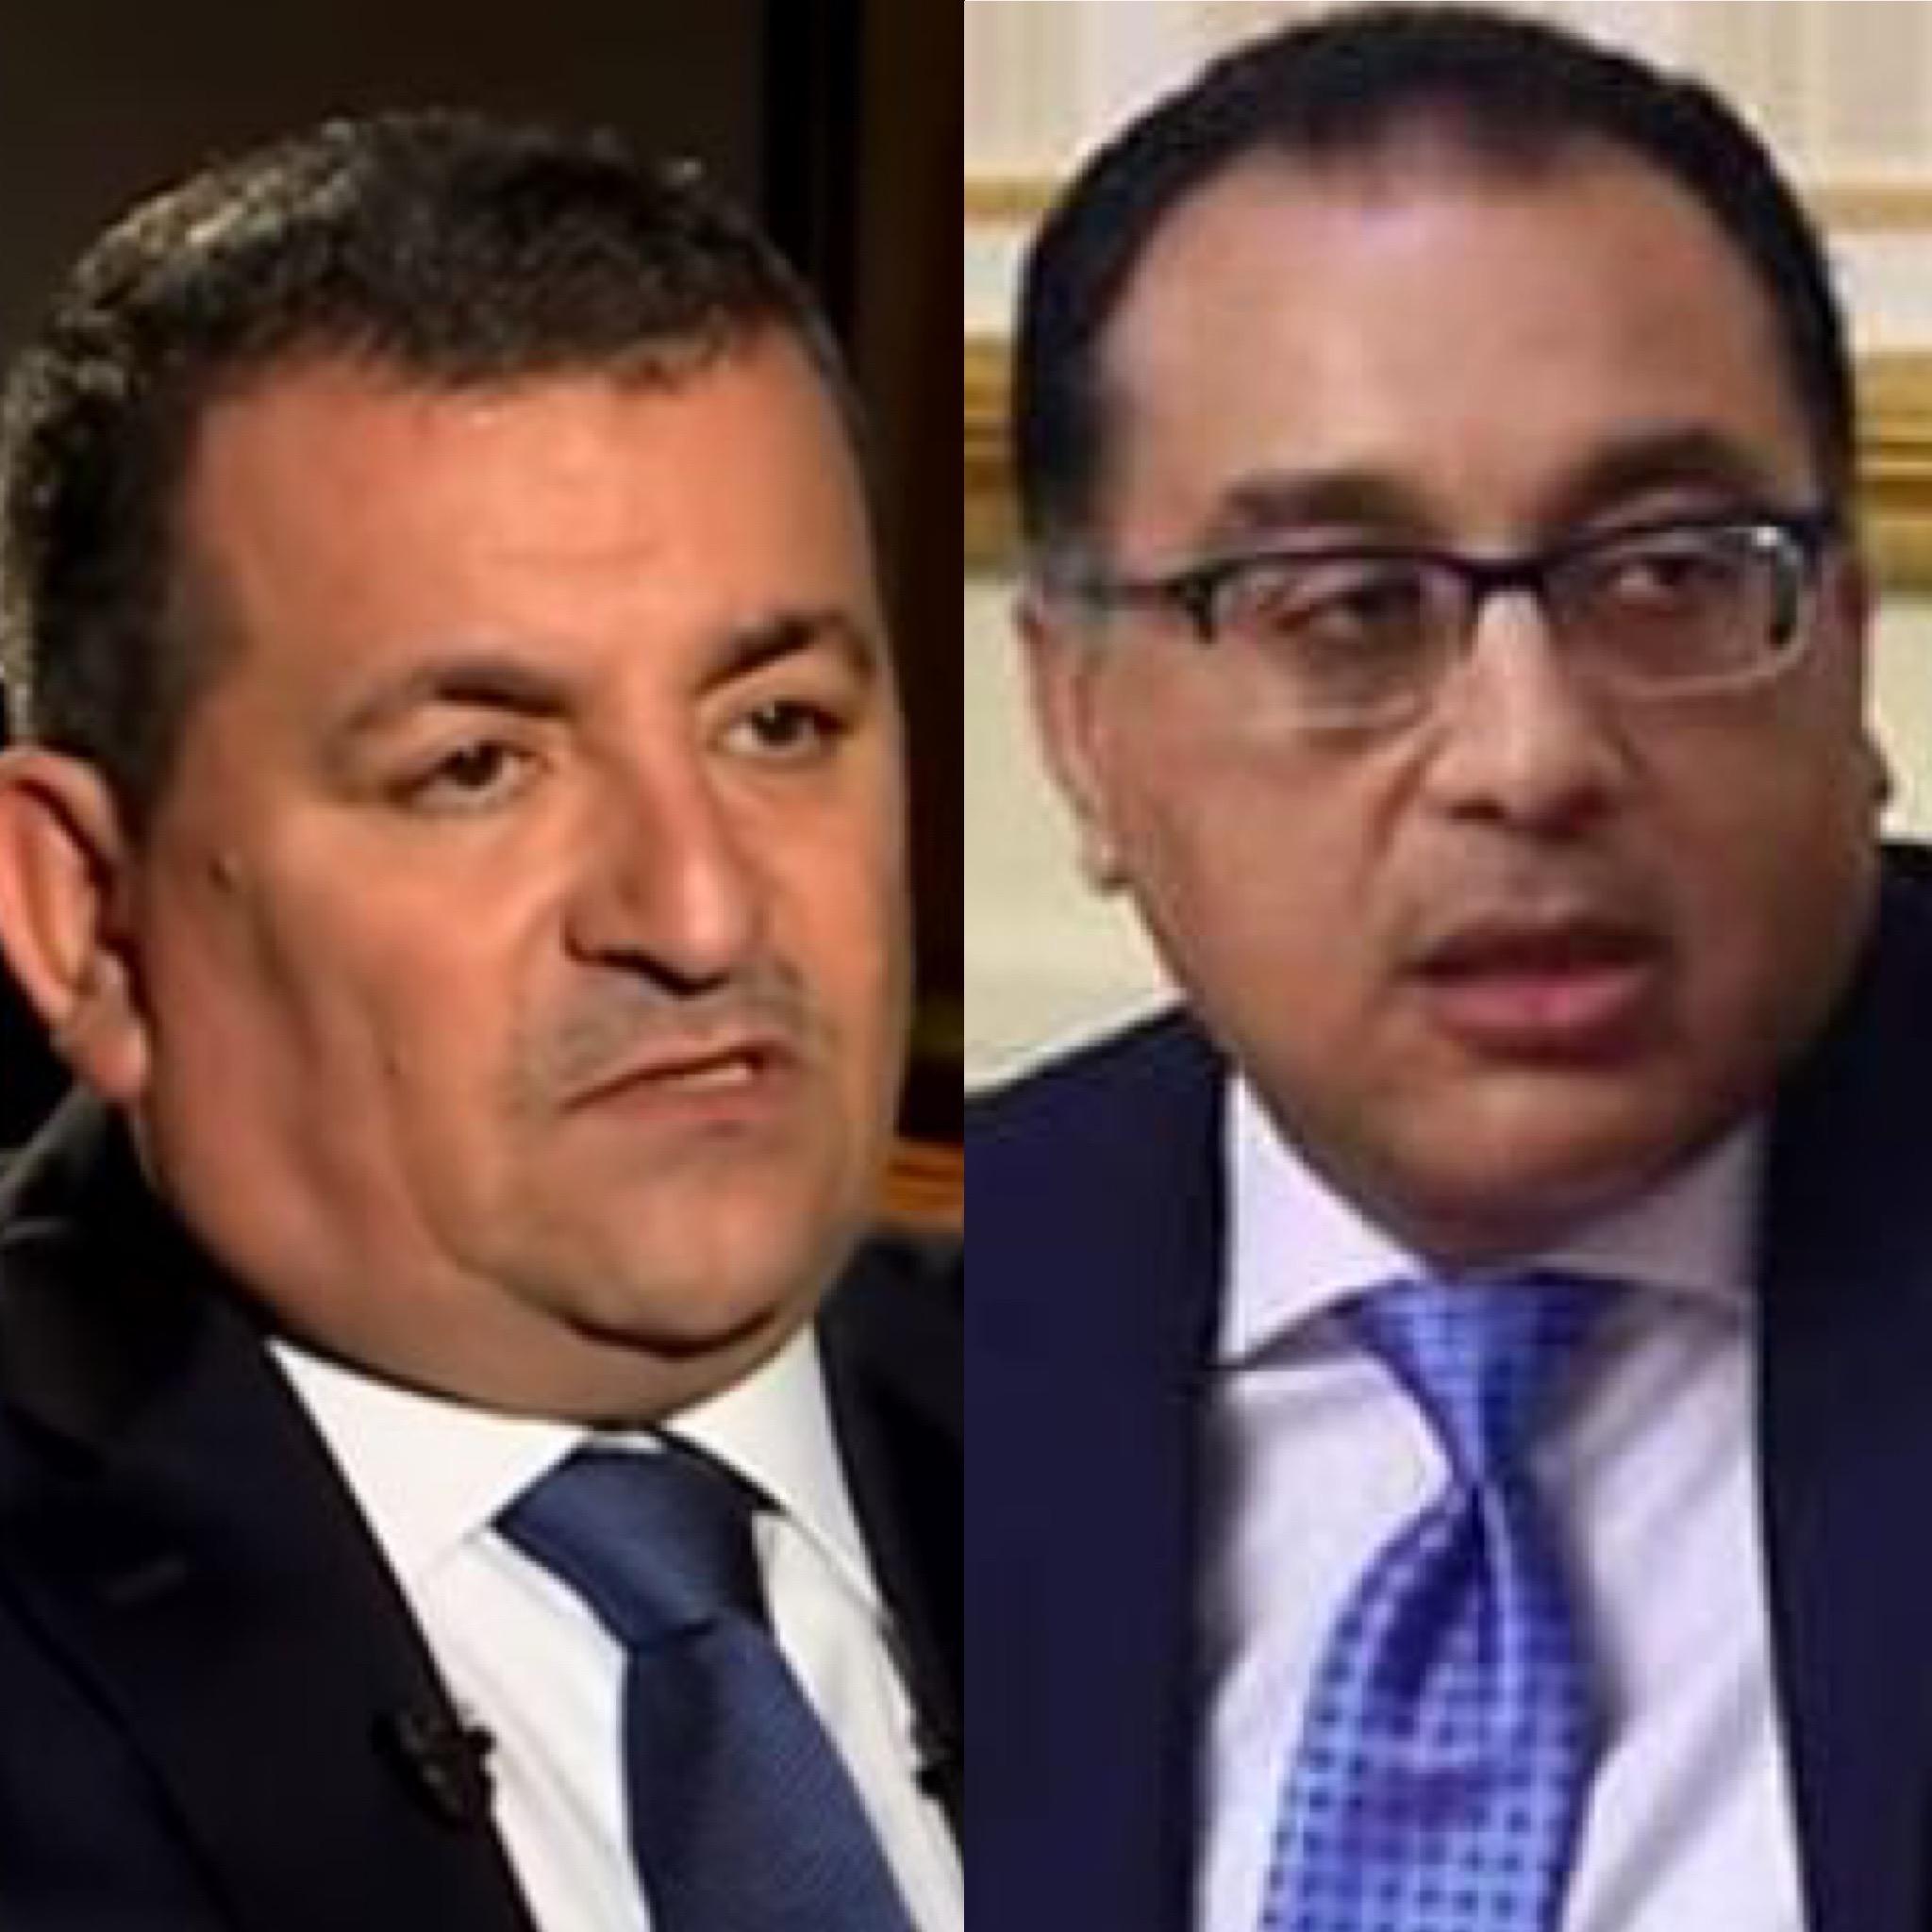 رئاسة الوزراء تصدر قراراً بتحديد اختصاصات وزير الدولة للاعلام